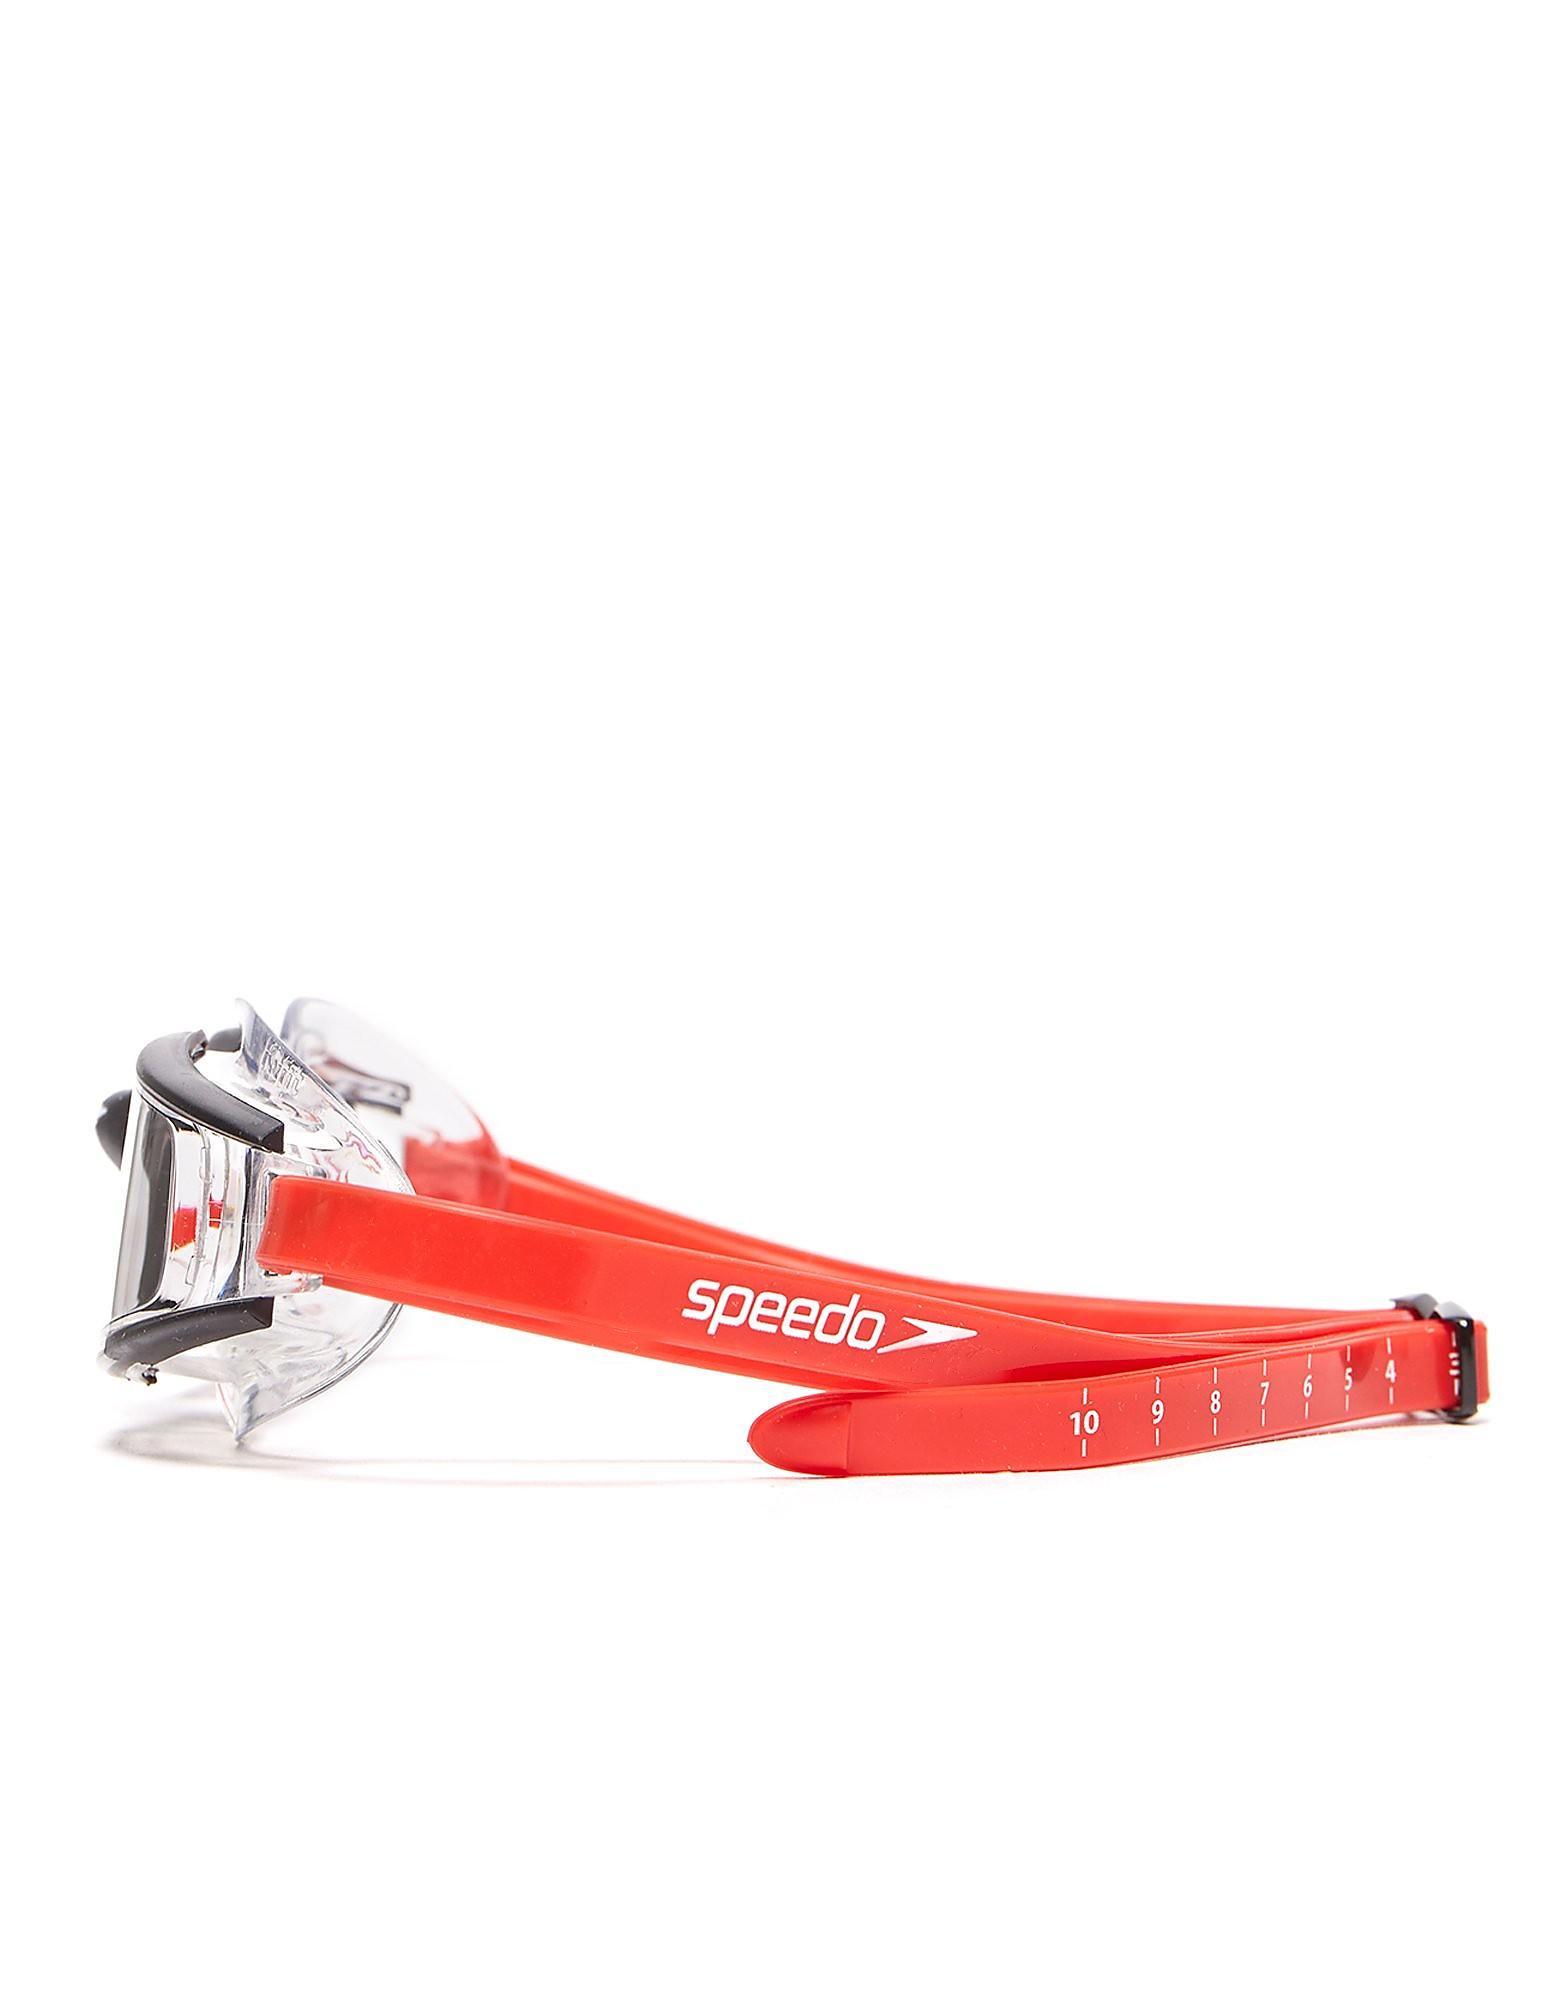 Speedo Aquapulse Max 2 Triathlon Goggle